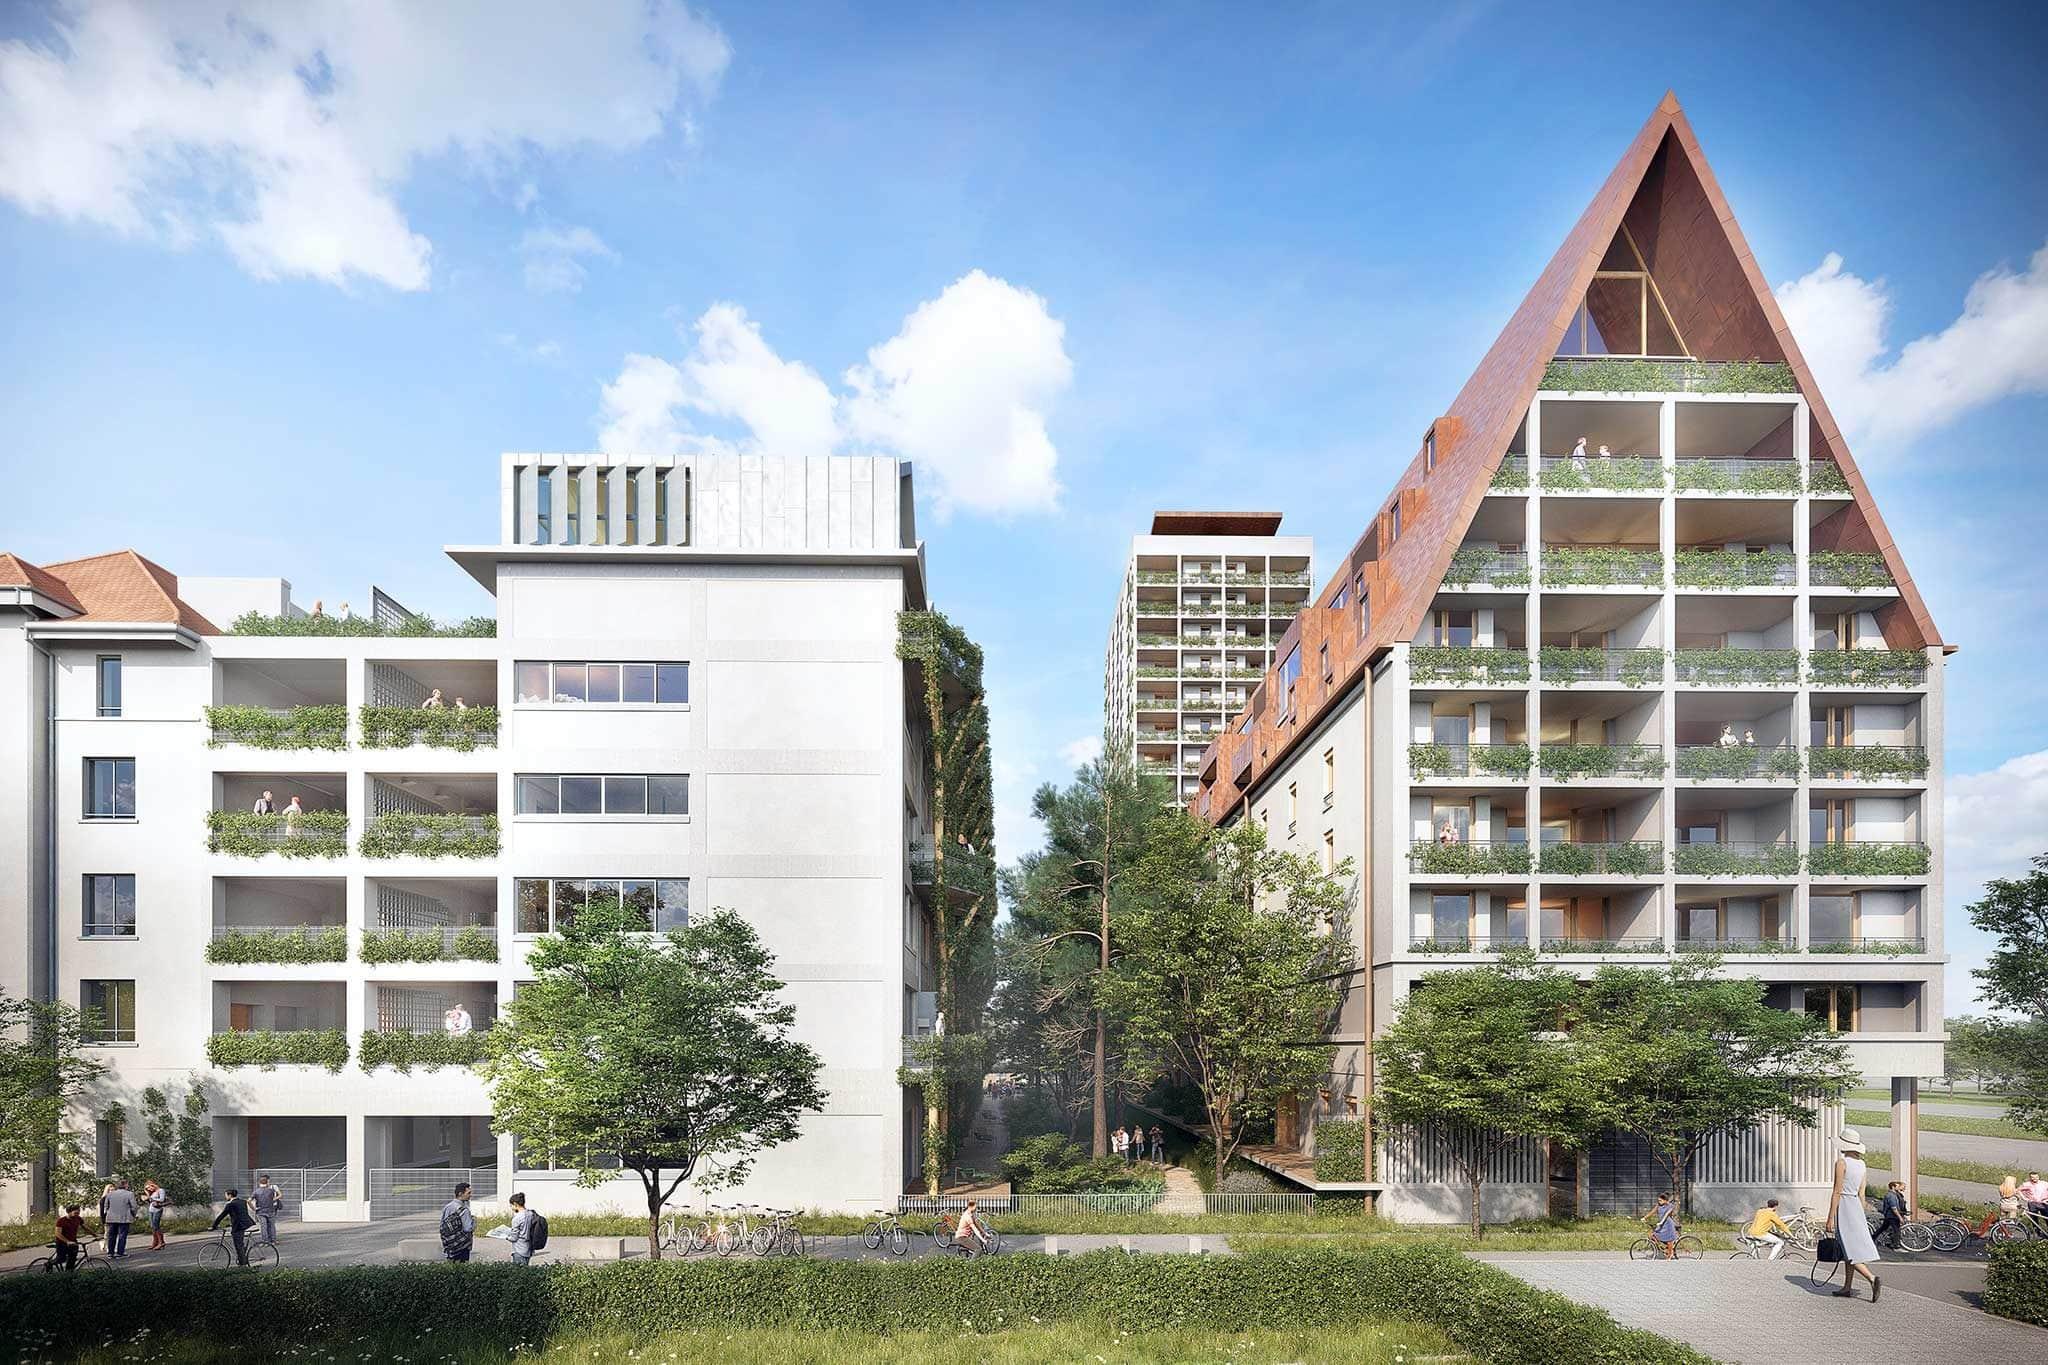 Avec m² de bureaux loués en strasbourg garde le cap